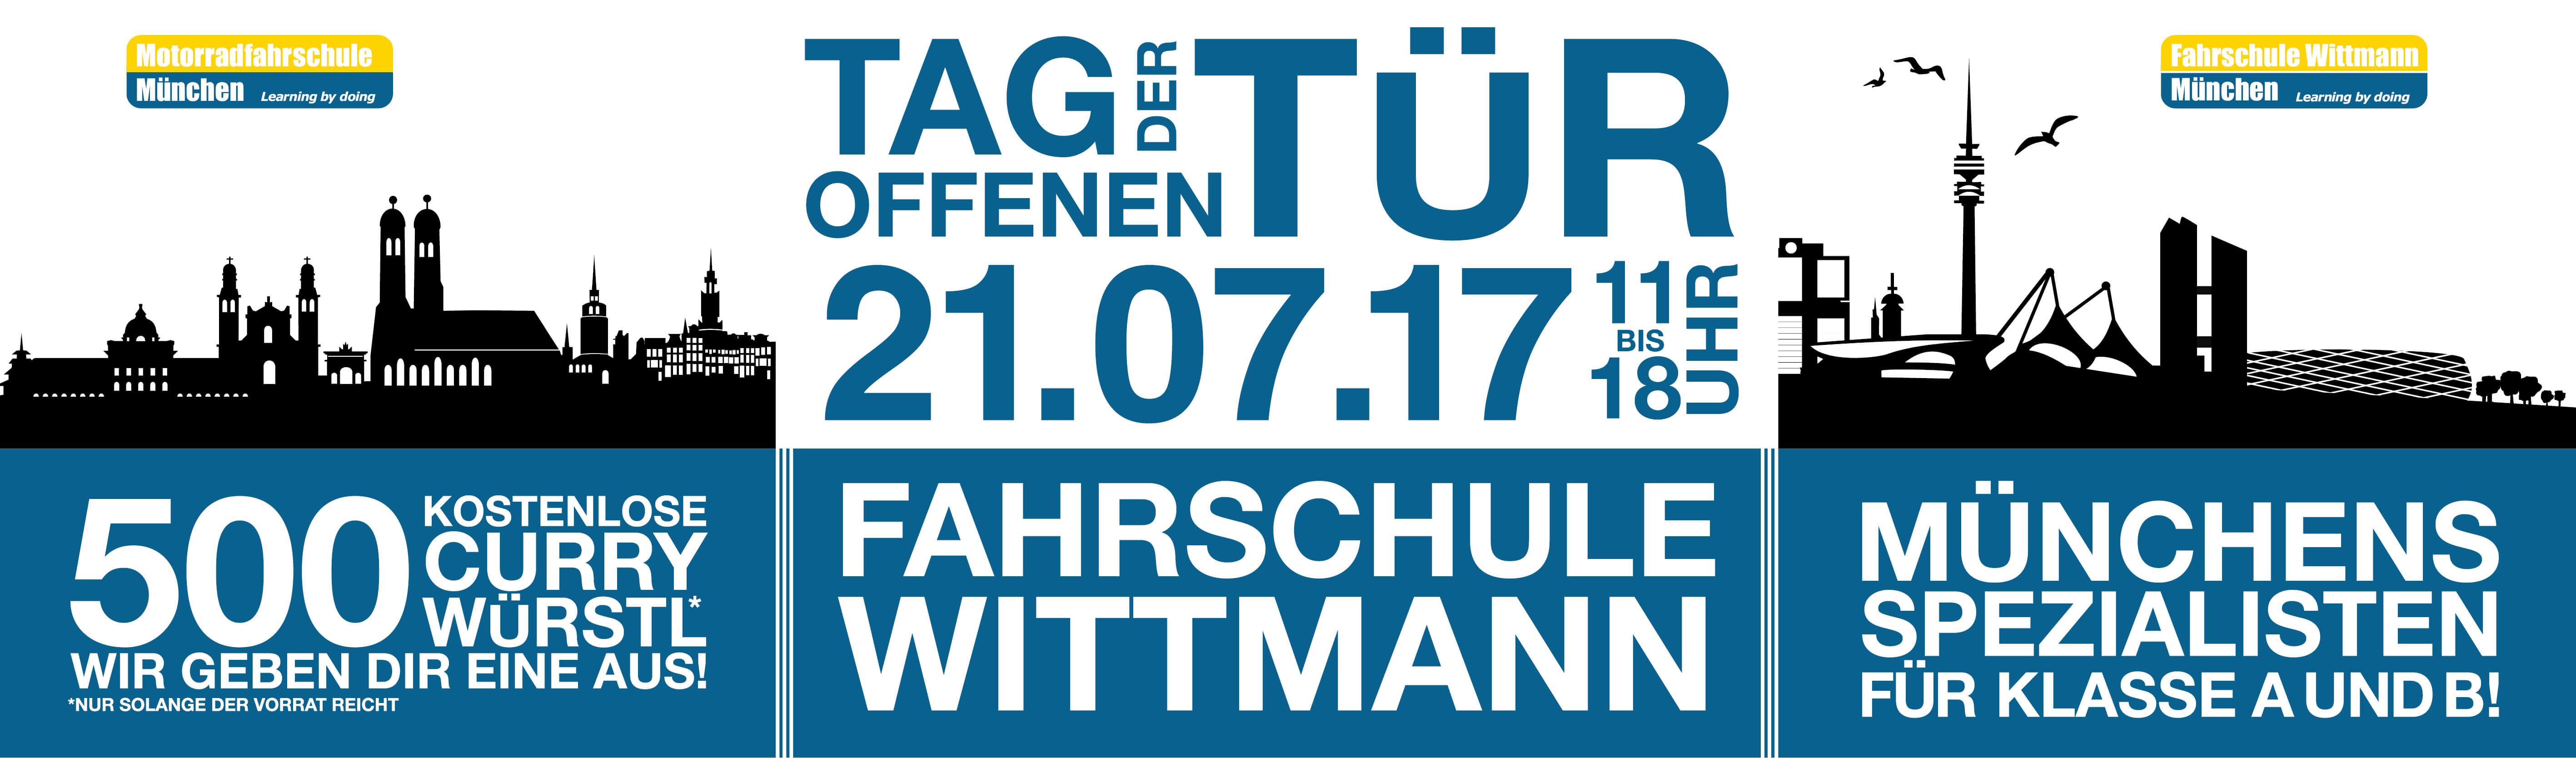 Fahrschule-Wittmann-Tag-Der-Offenen-Tuer